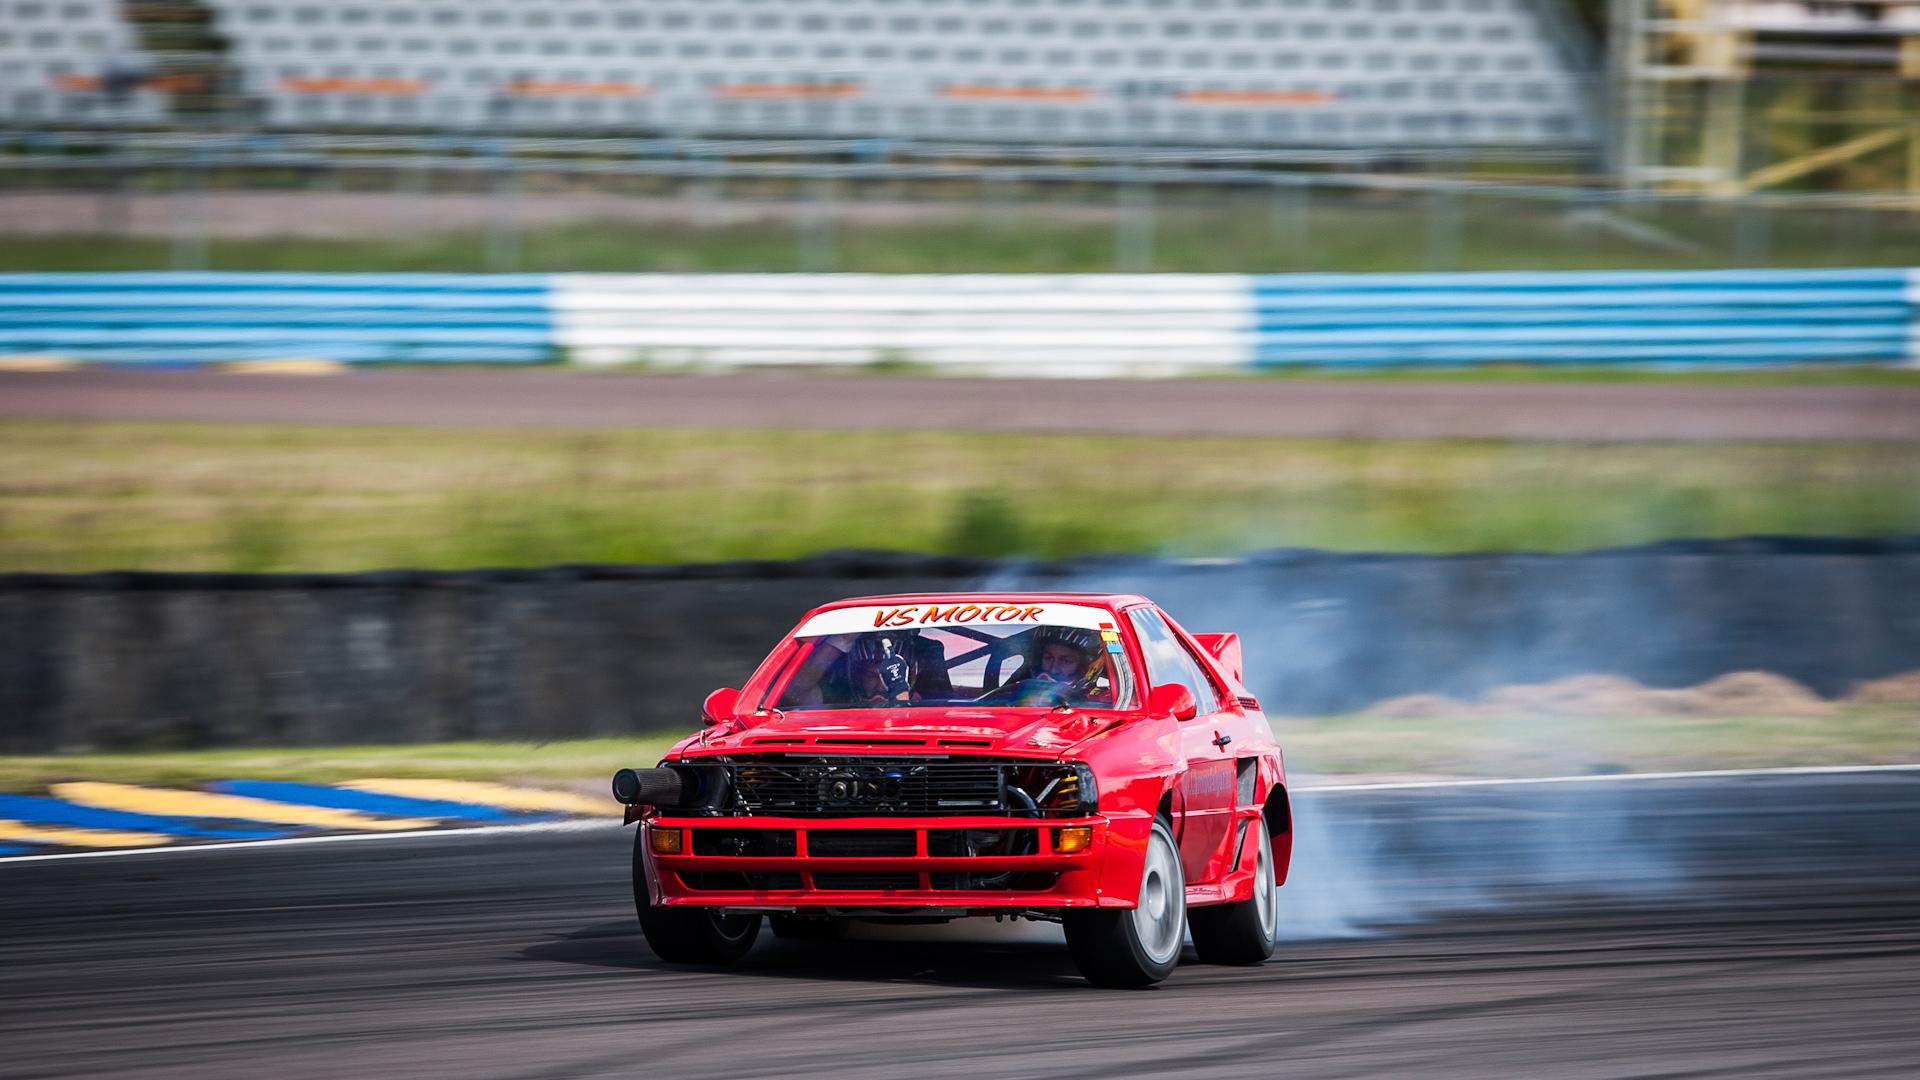 Drift Racing Wallpaper HD Car Wallpapers 1920x1080